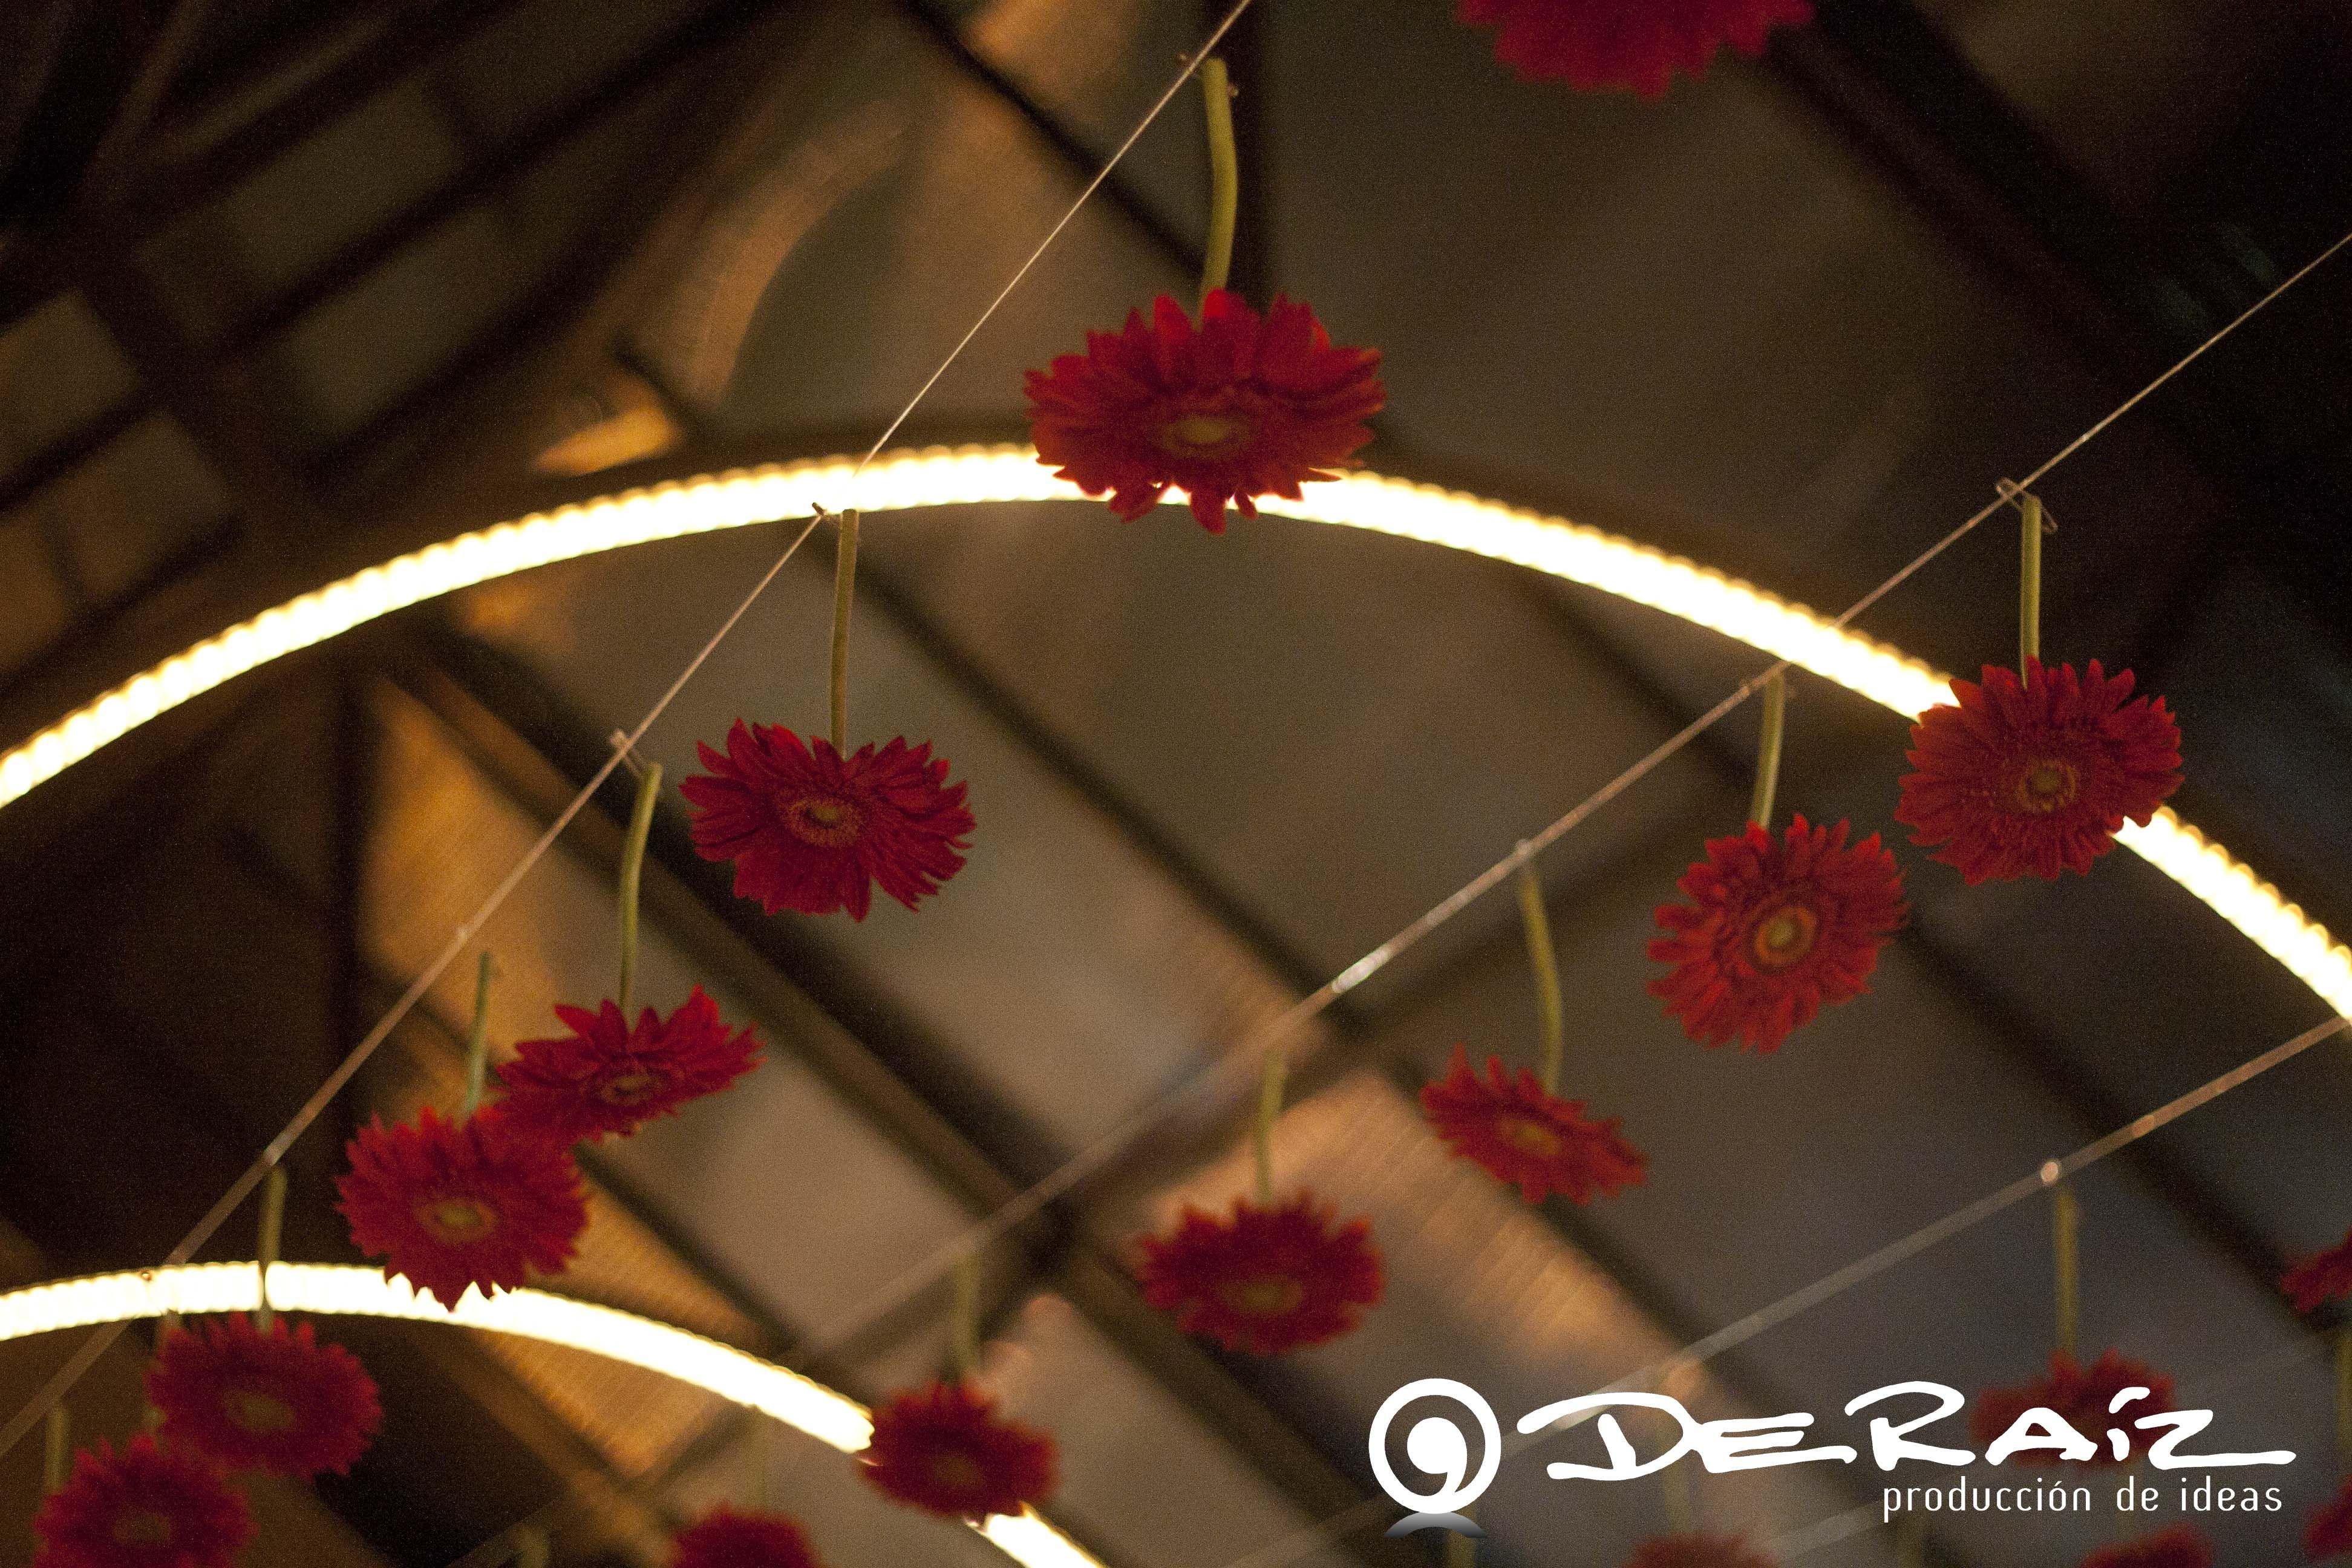 Instalación aérea de flores